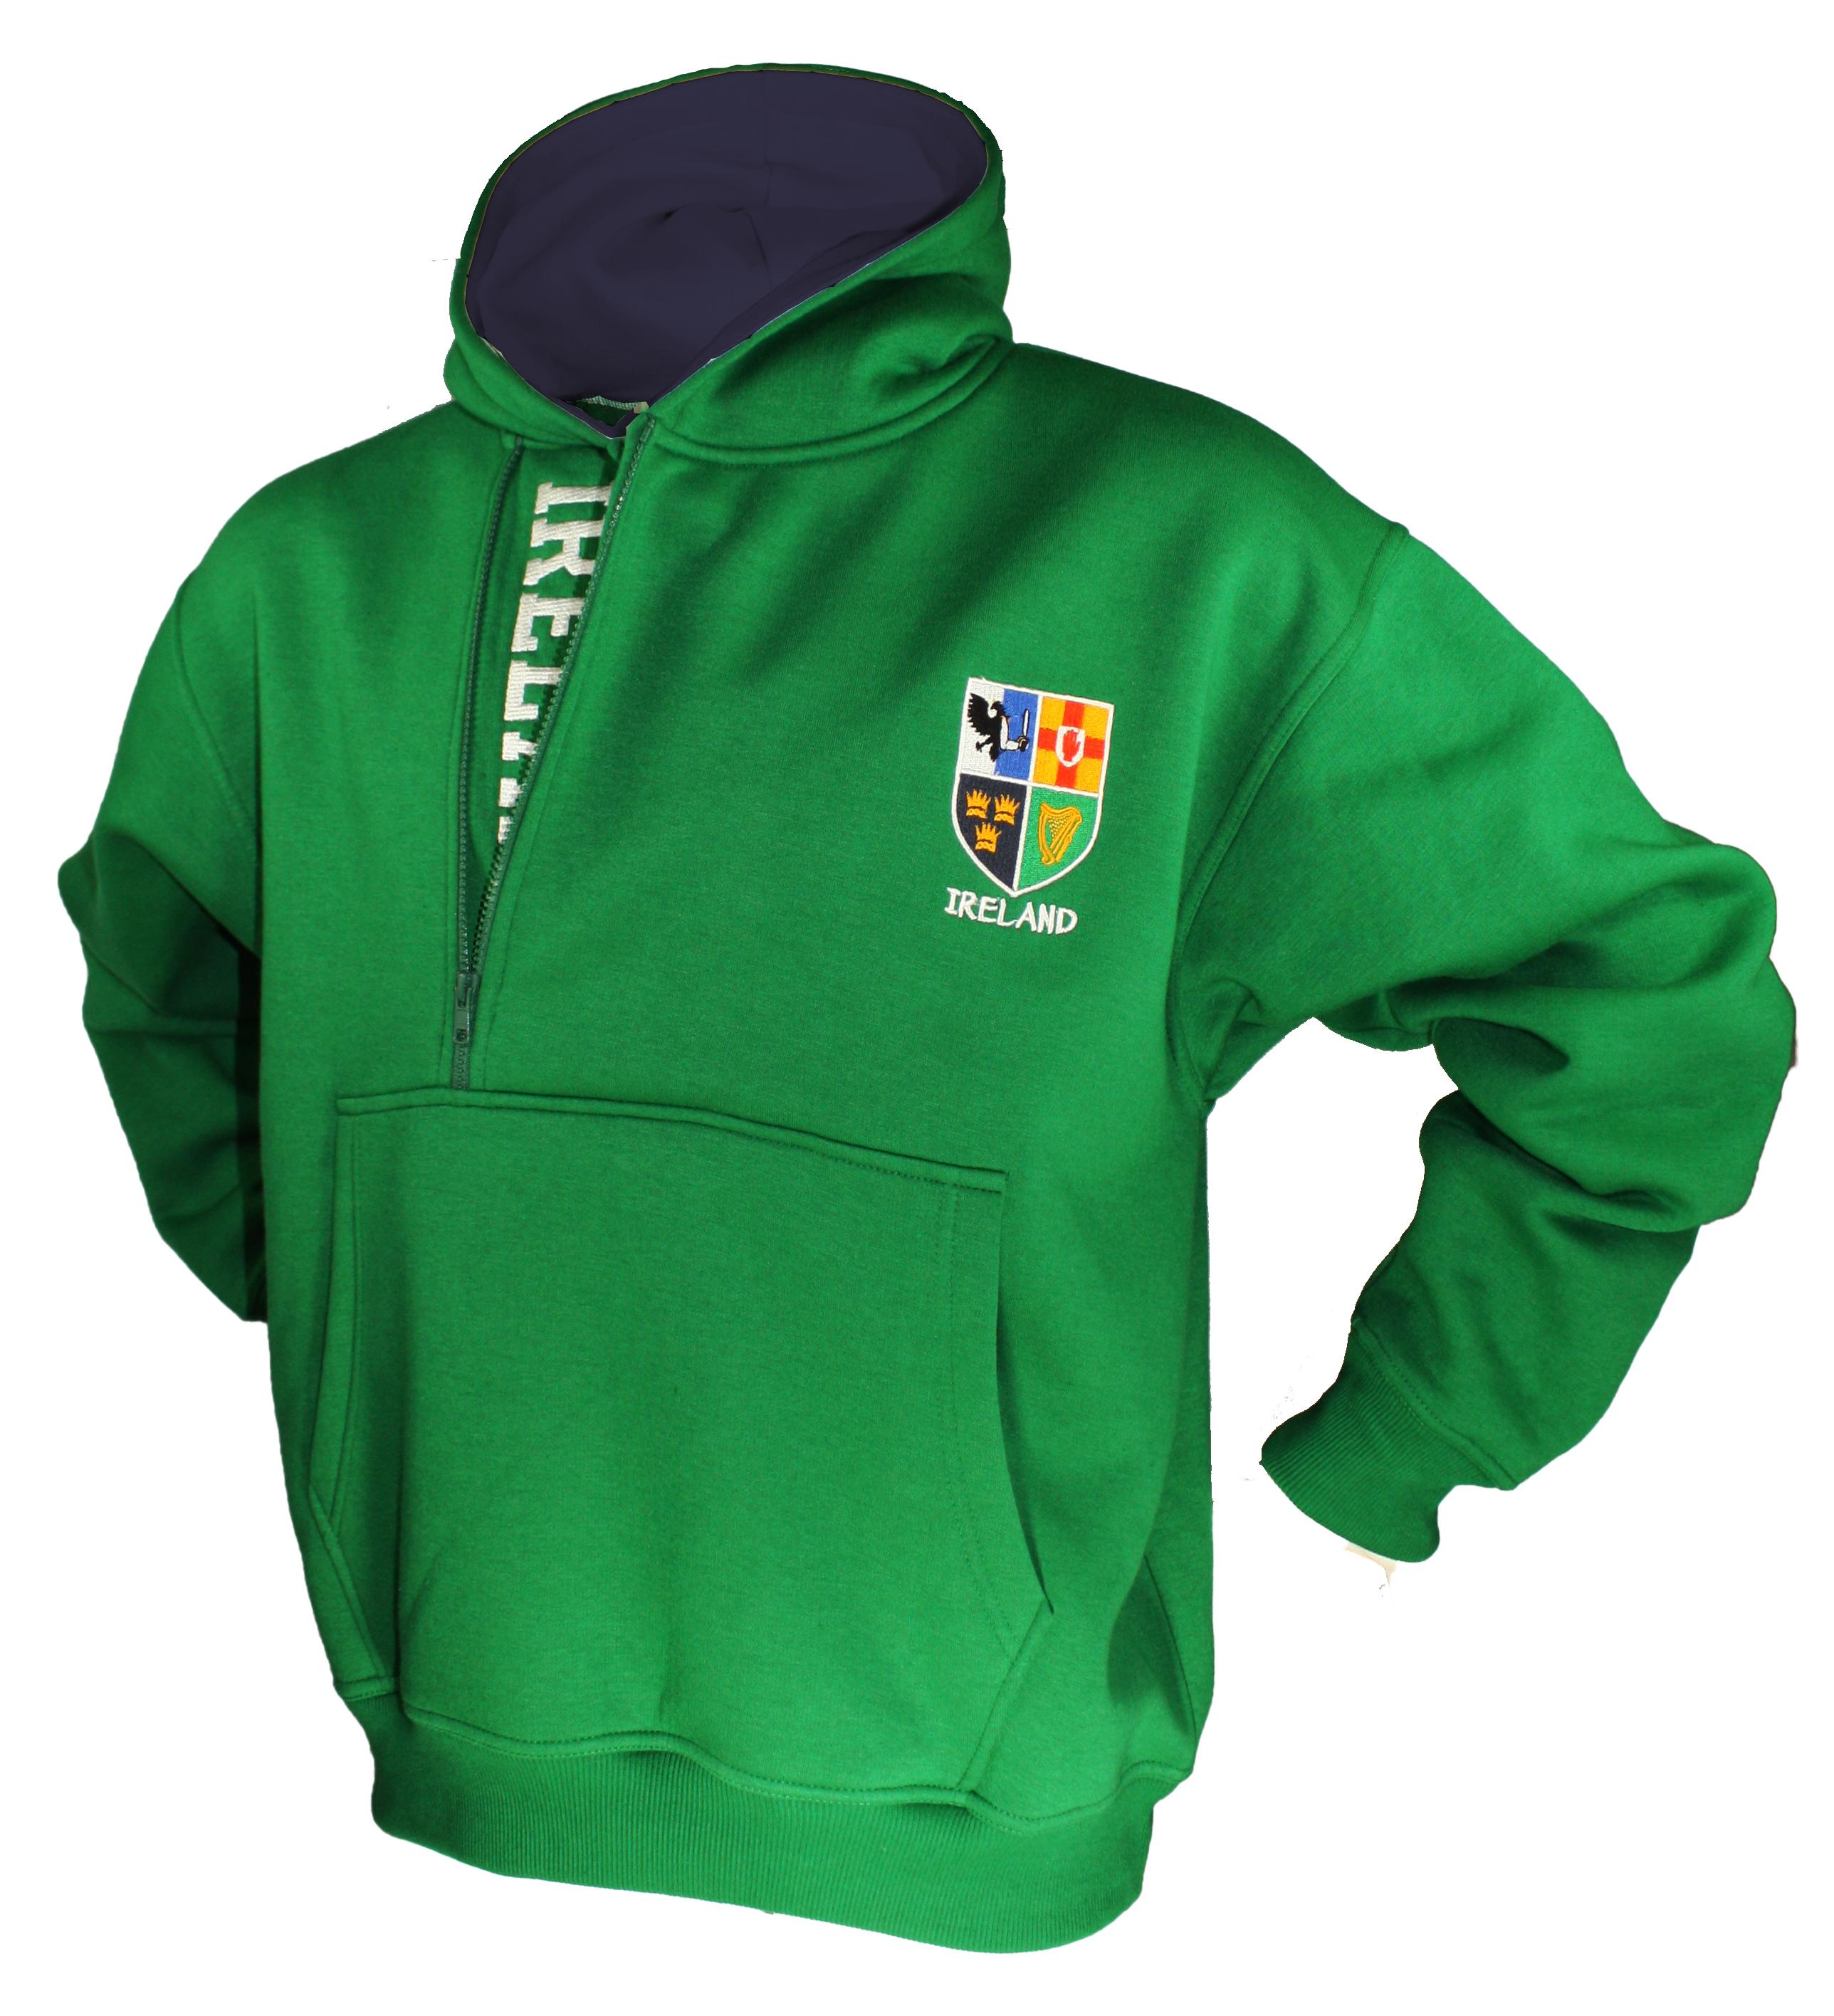 Men-039-s-Half-Zip-Hoodie-Pullover-Sweatshirt-Ireland-Navy-and-Green thumbnail 14